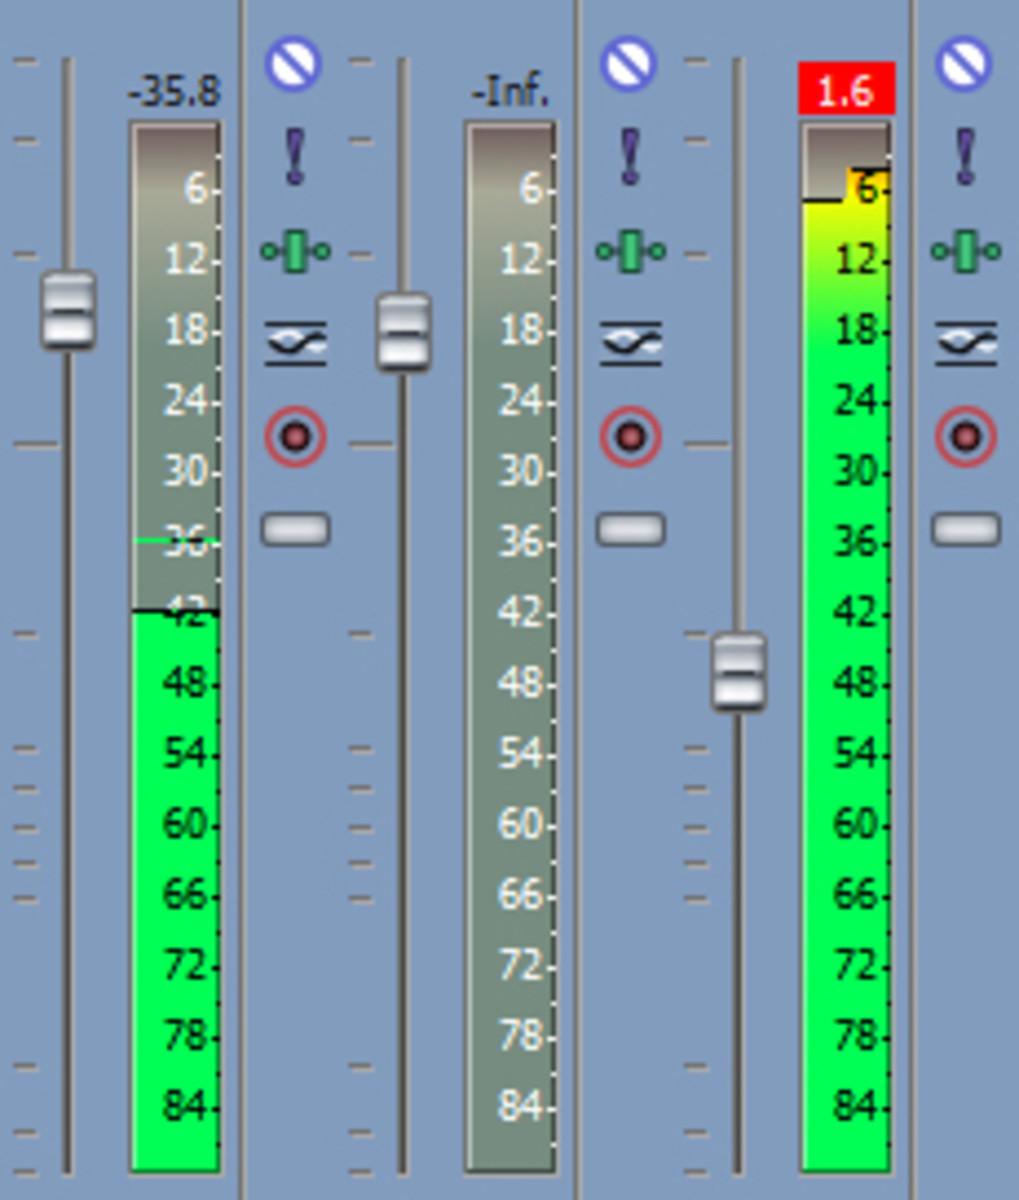 Peaking Audio Levels